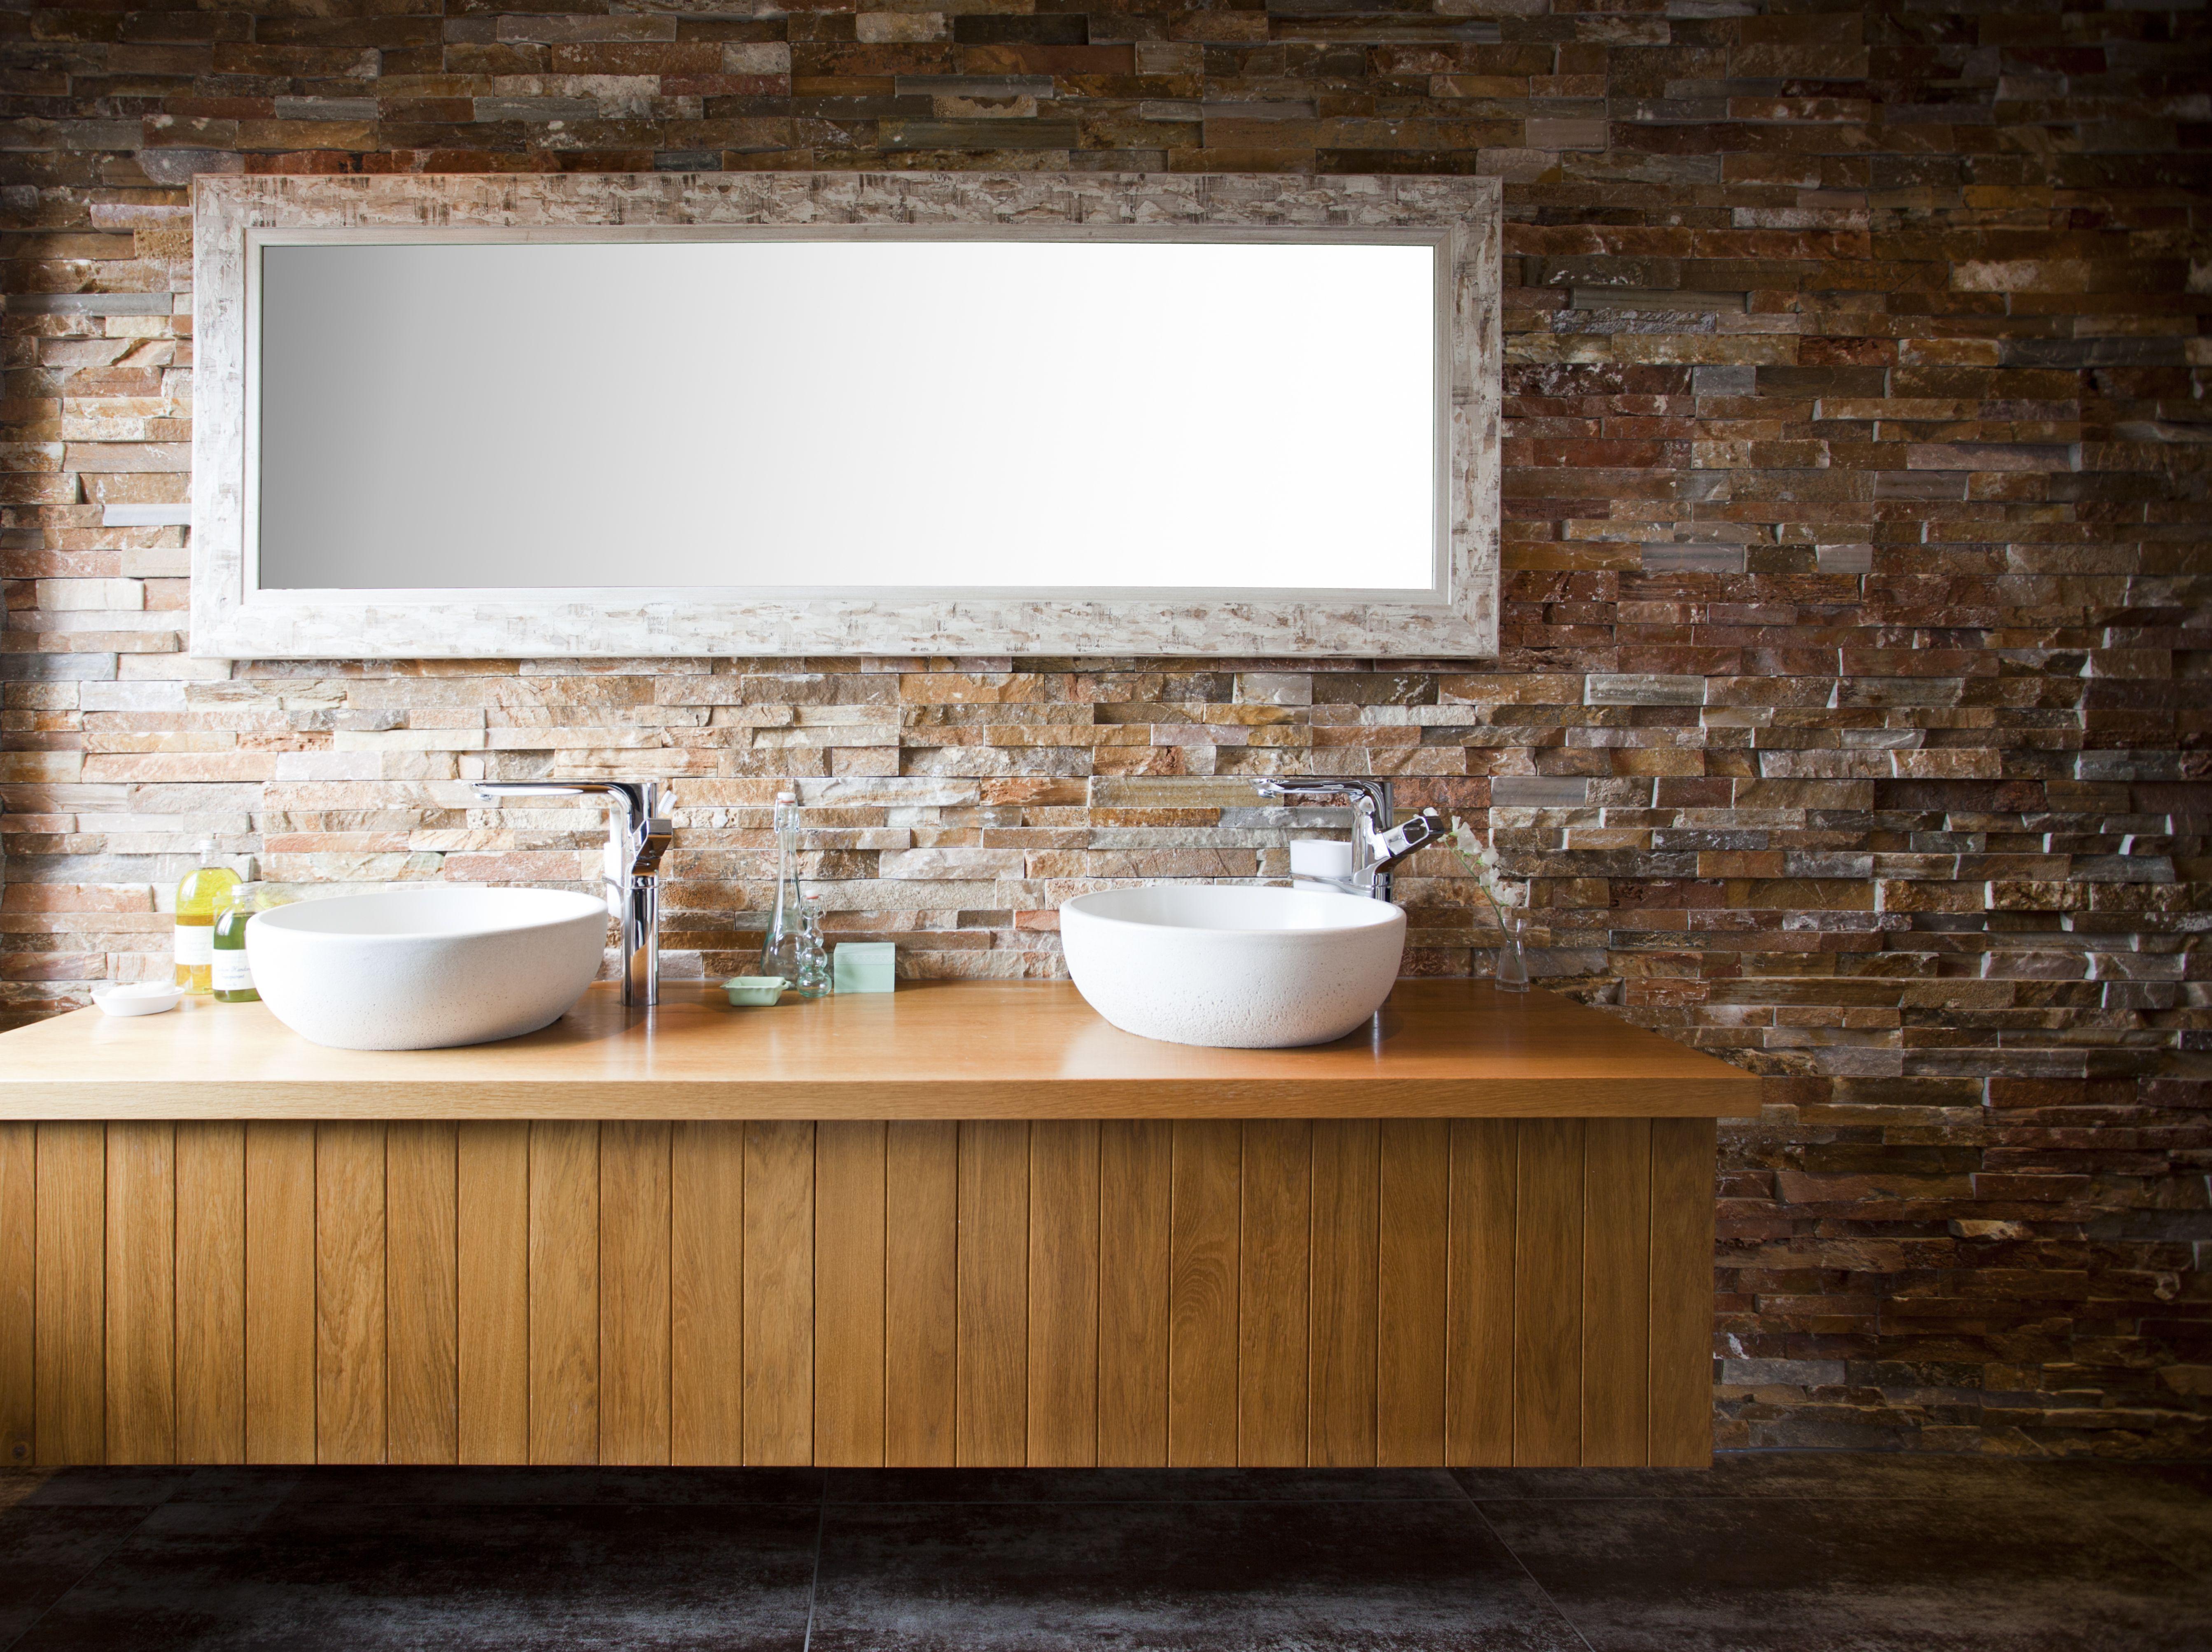 Nieuwe Badkamer Poetsen : Trend in de nieuwe badkamer de waskom meestal wordt gekozen voor